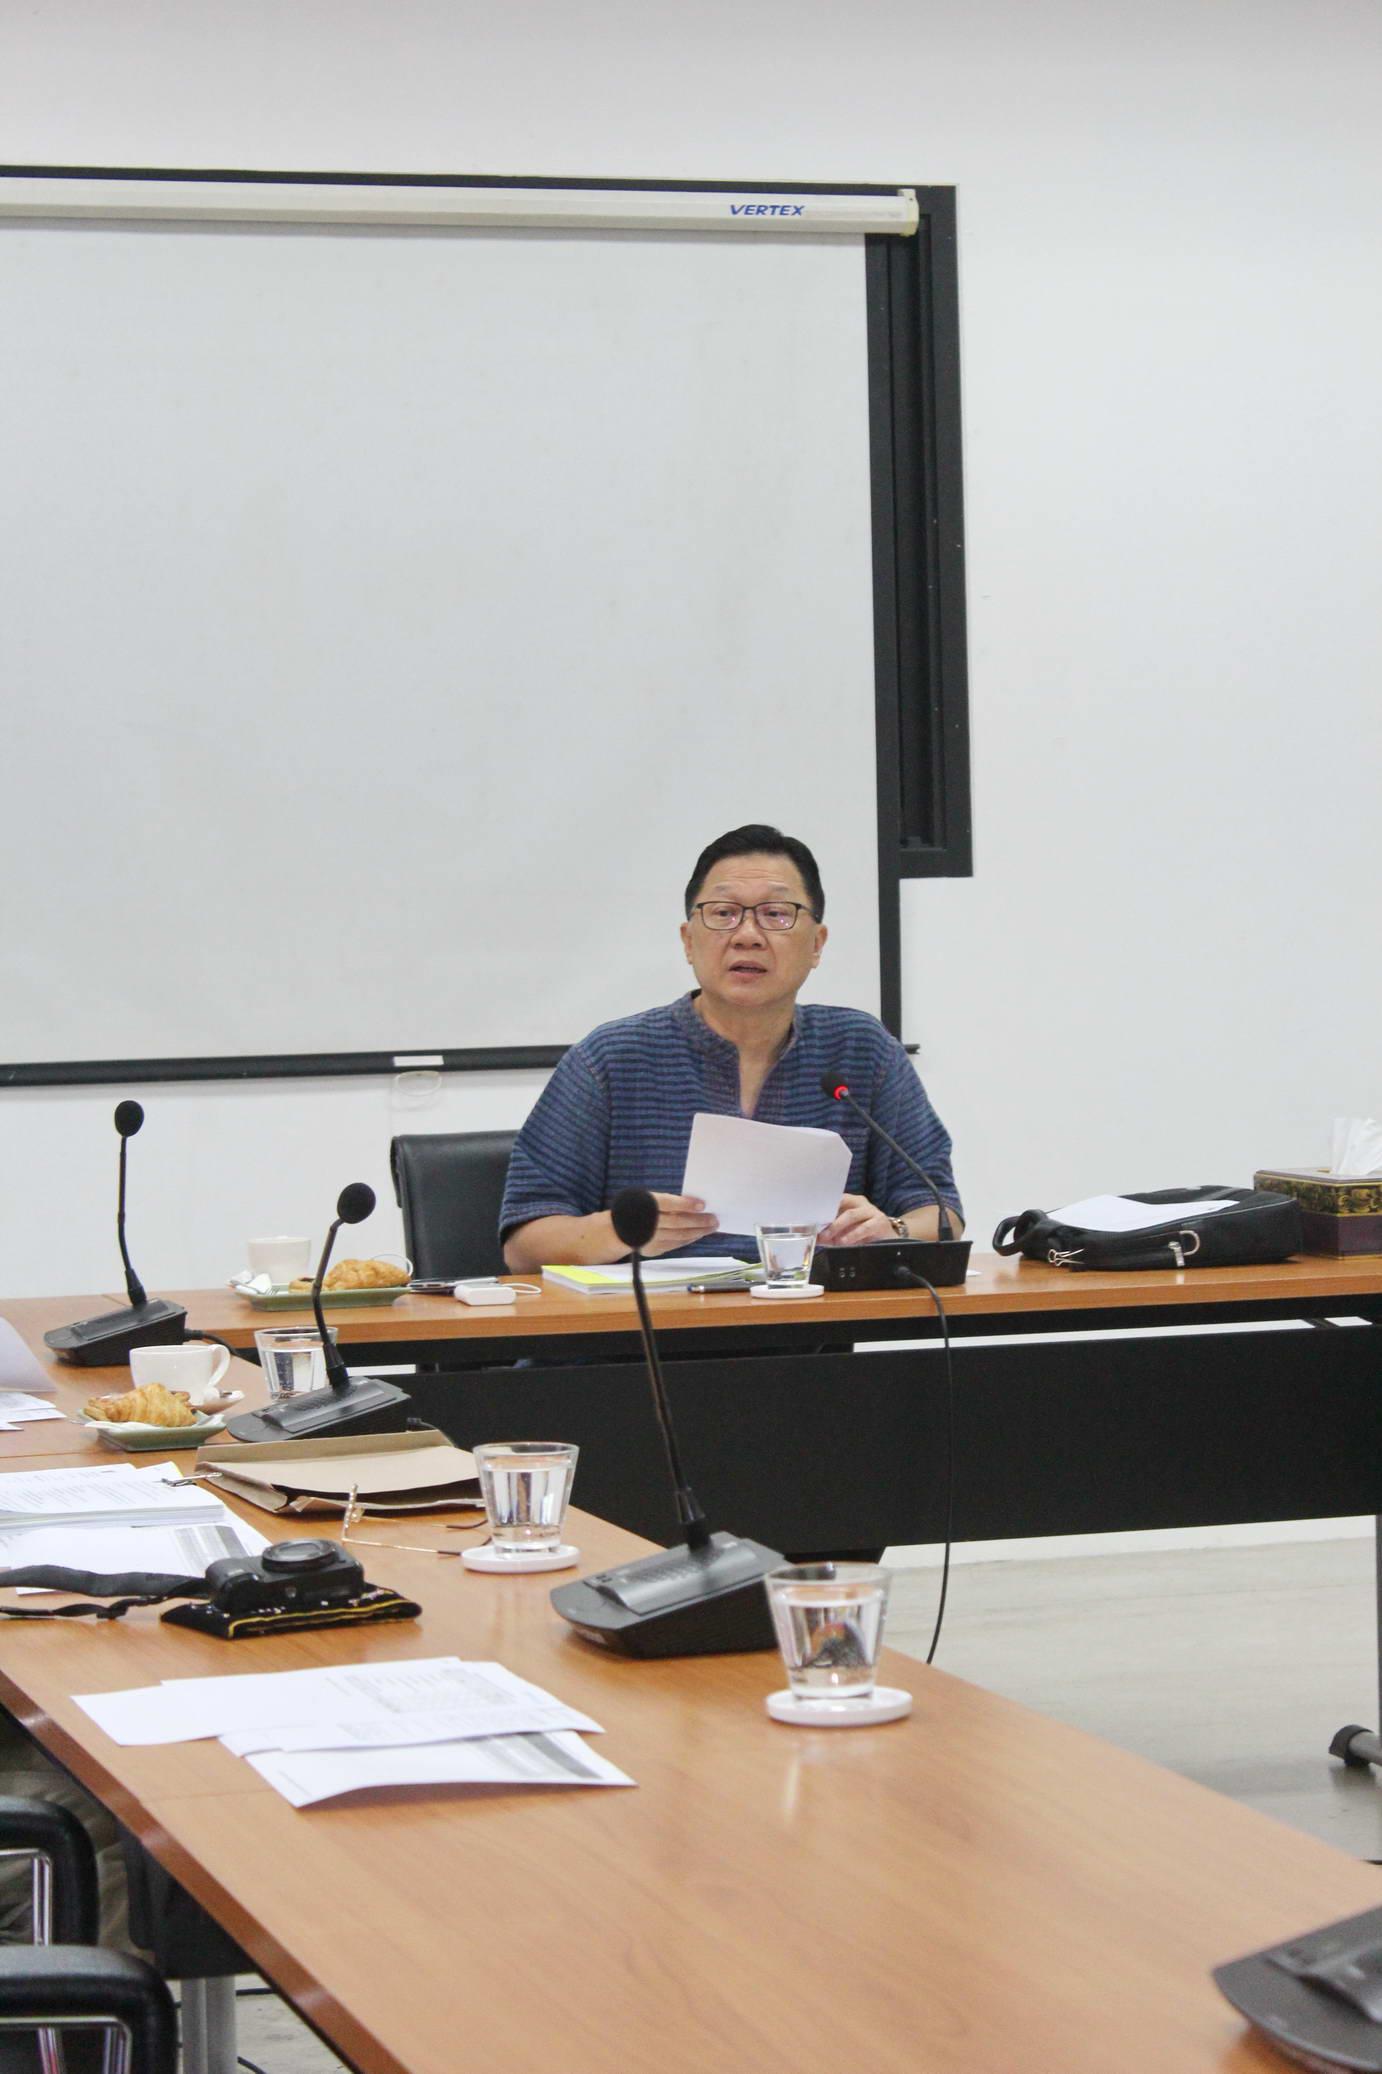 การประชุมคณะกรรมการอำนวยการประจำสำนักส่งเสริมศิลปวัฒนธรรม ครั้งที่ 1/2561